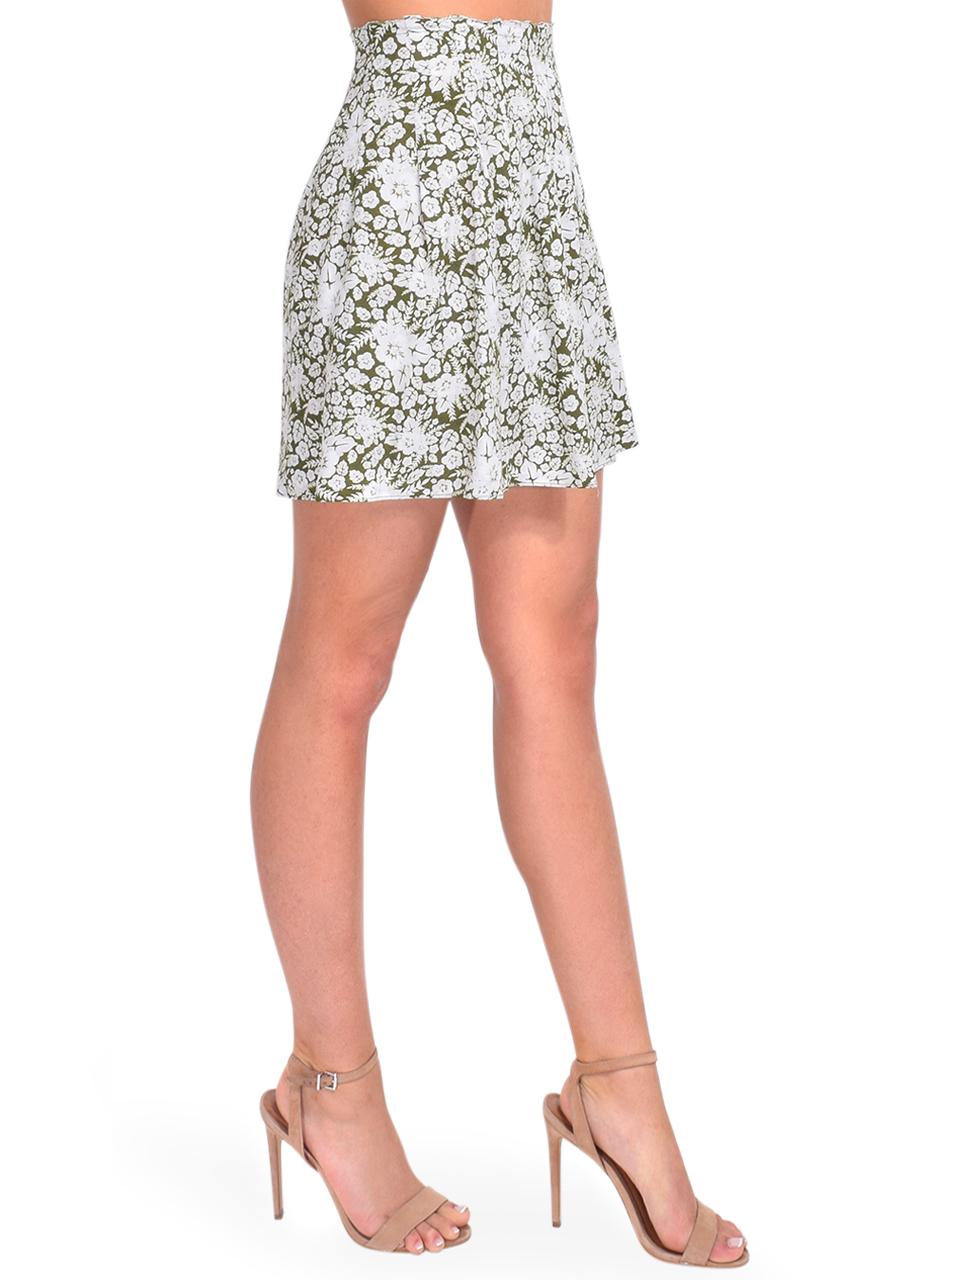 Bellerose Lexie Skirt Side View